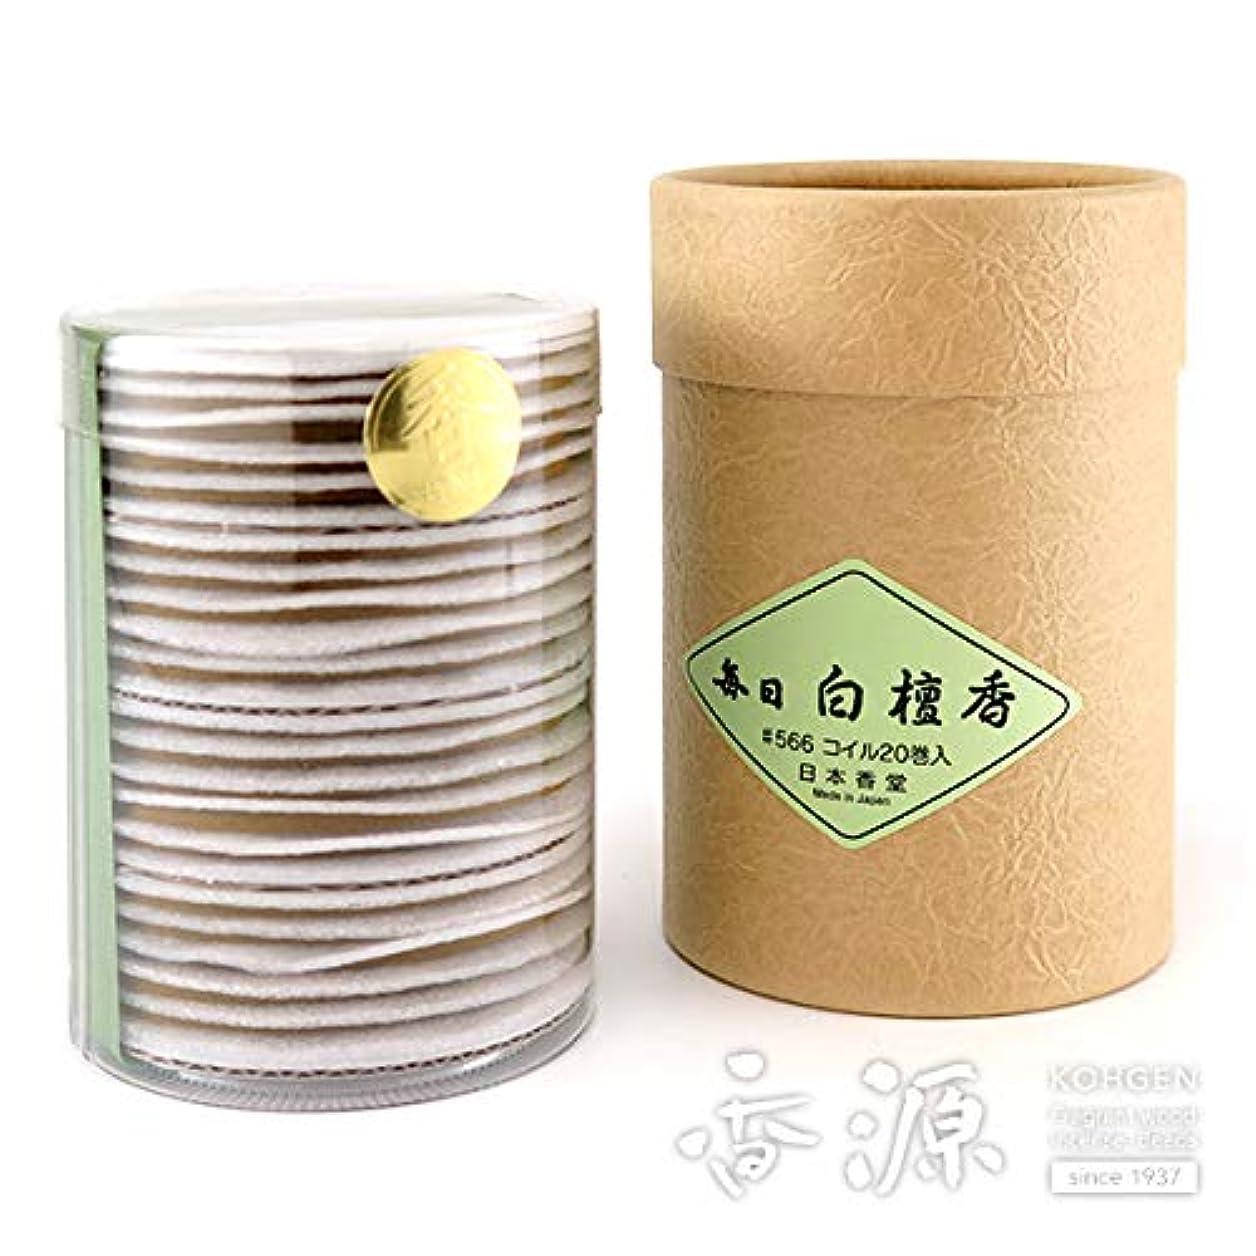 医薬マウンドかける日本香堂のお香 毎日白檀香 徳用渦巻型20枚入